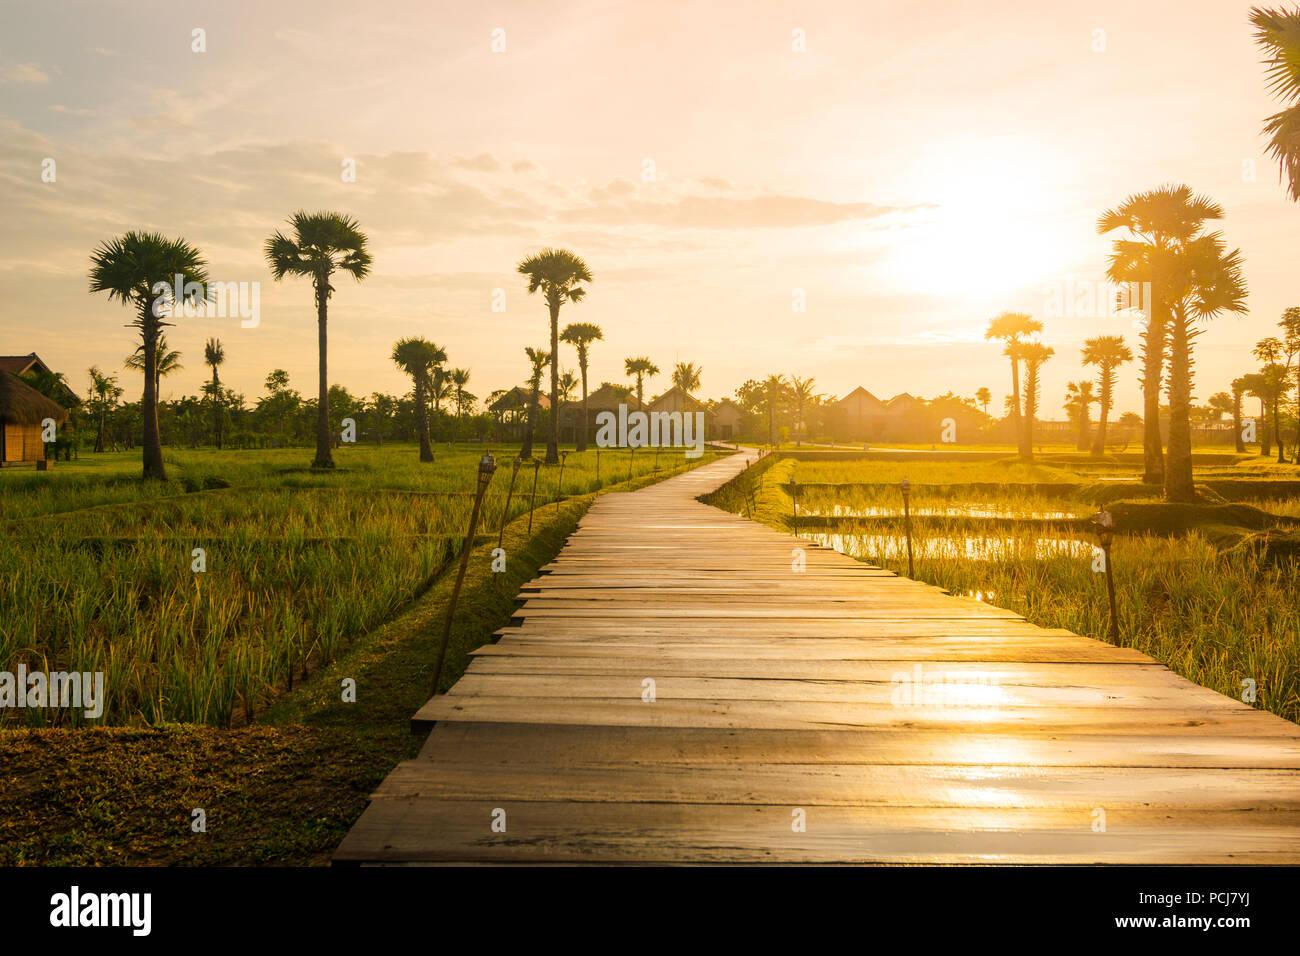 Pont-jetée en bois du pont qui traverse le champ d'herbe et de plantation de palmiers à huile dans la région de Siem Reap (Angkor), au Cambodge. Photo Stock